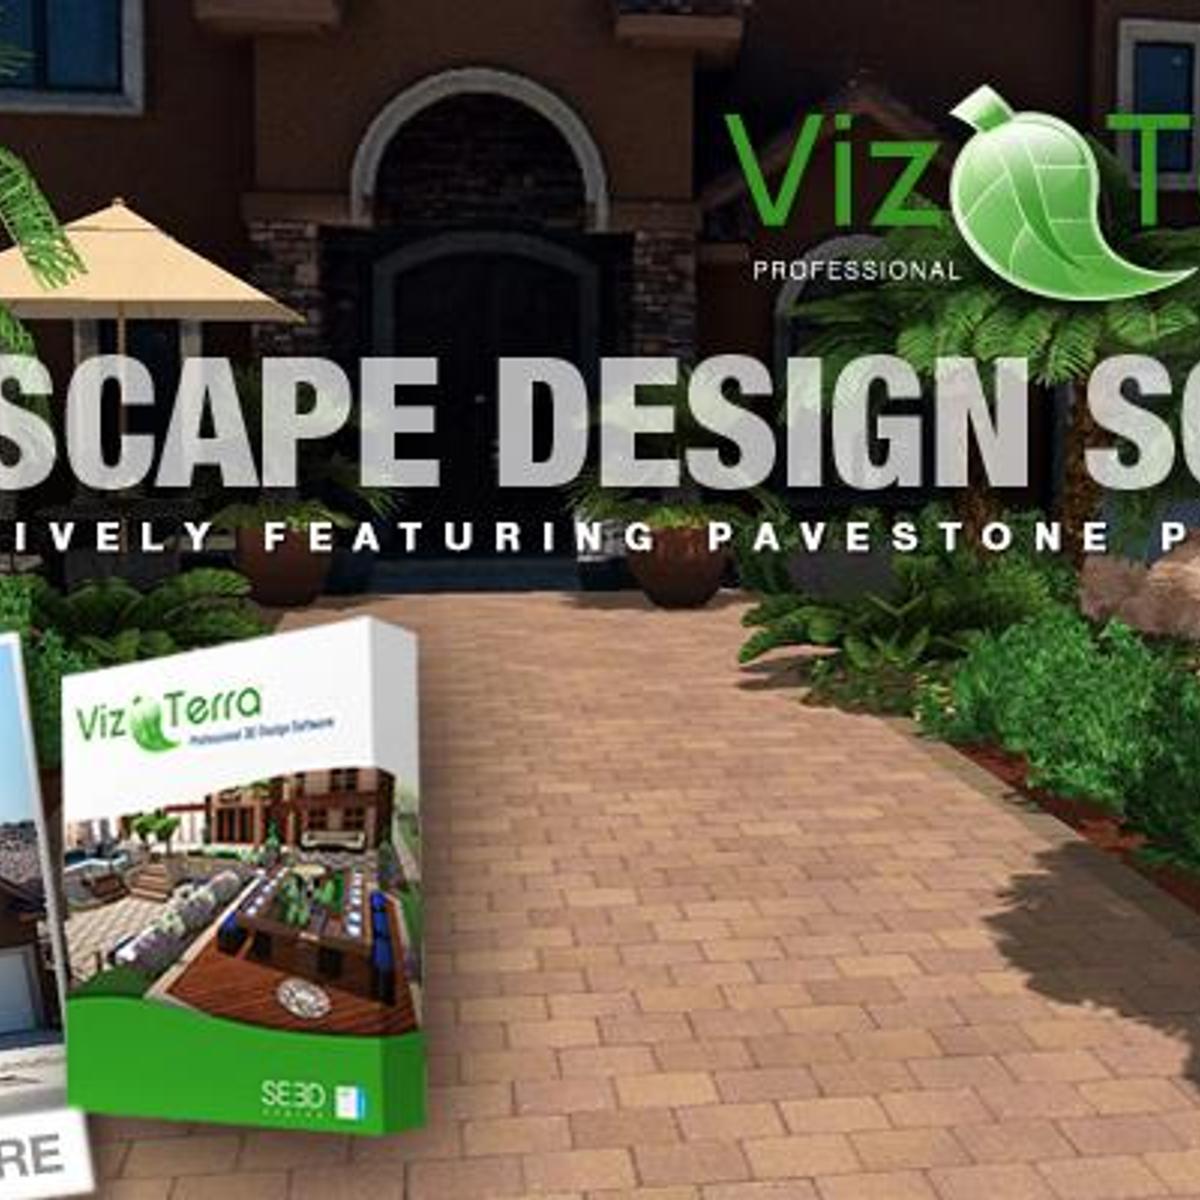 Landscape Design Software For Mac Pc: VizTerra Alternatives And Similar Software